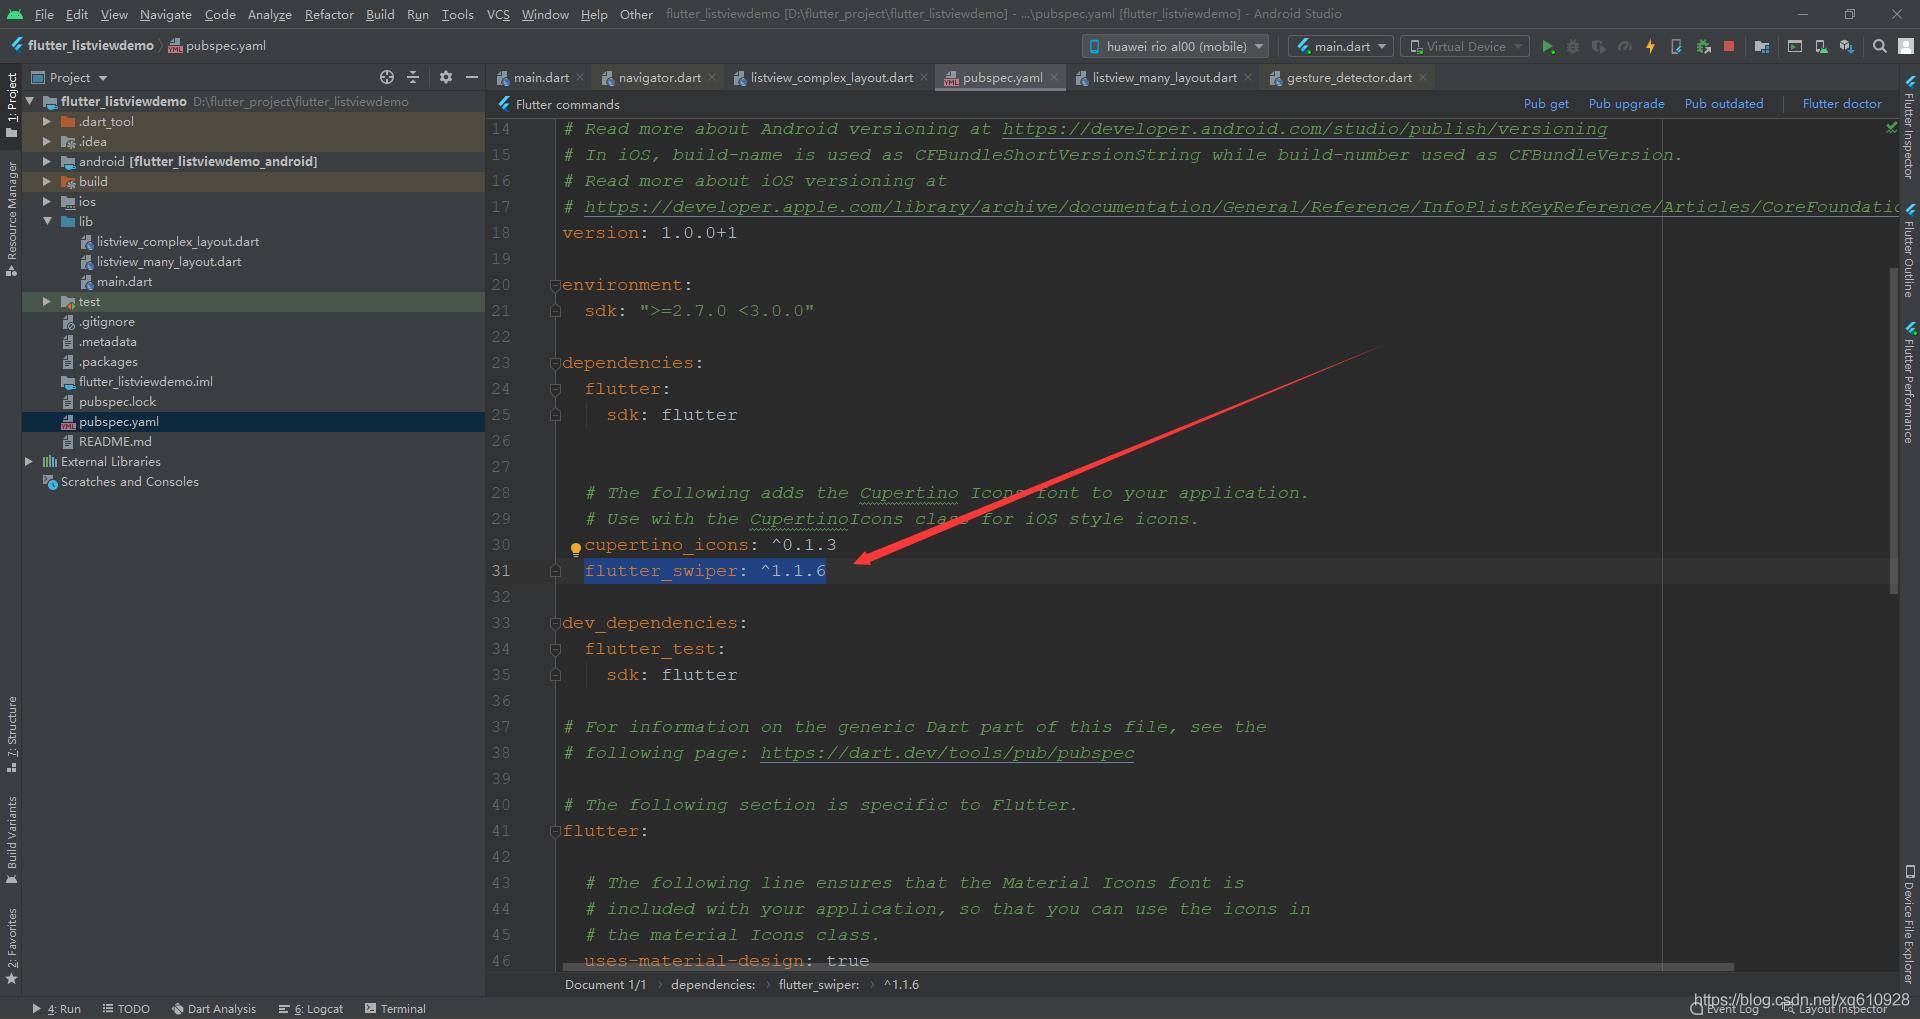 Flutter  listview多布局实现xq610928的博客-